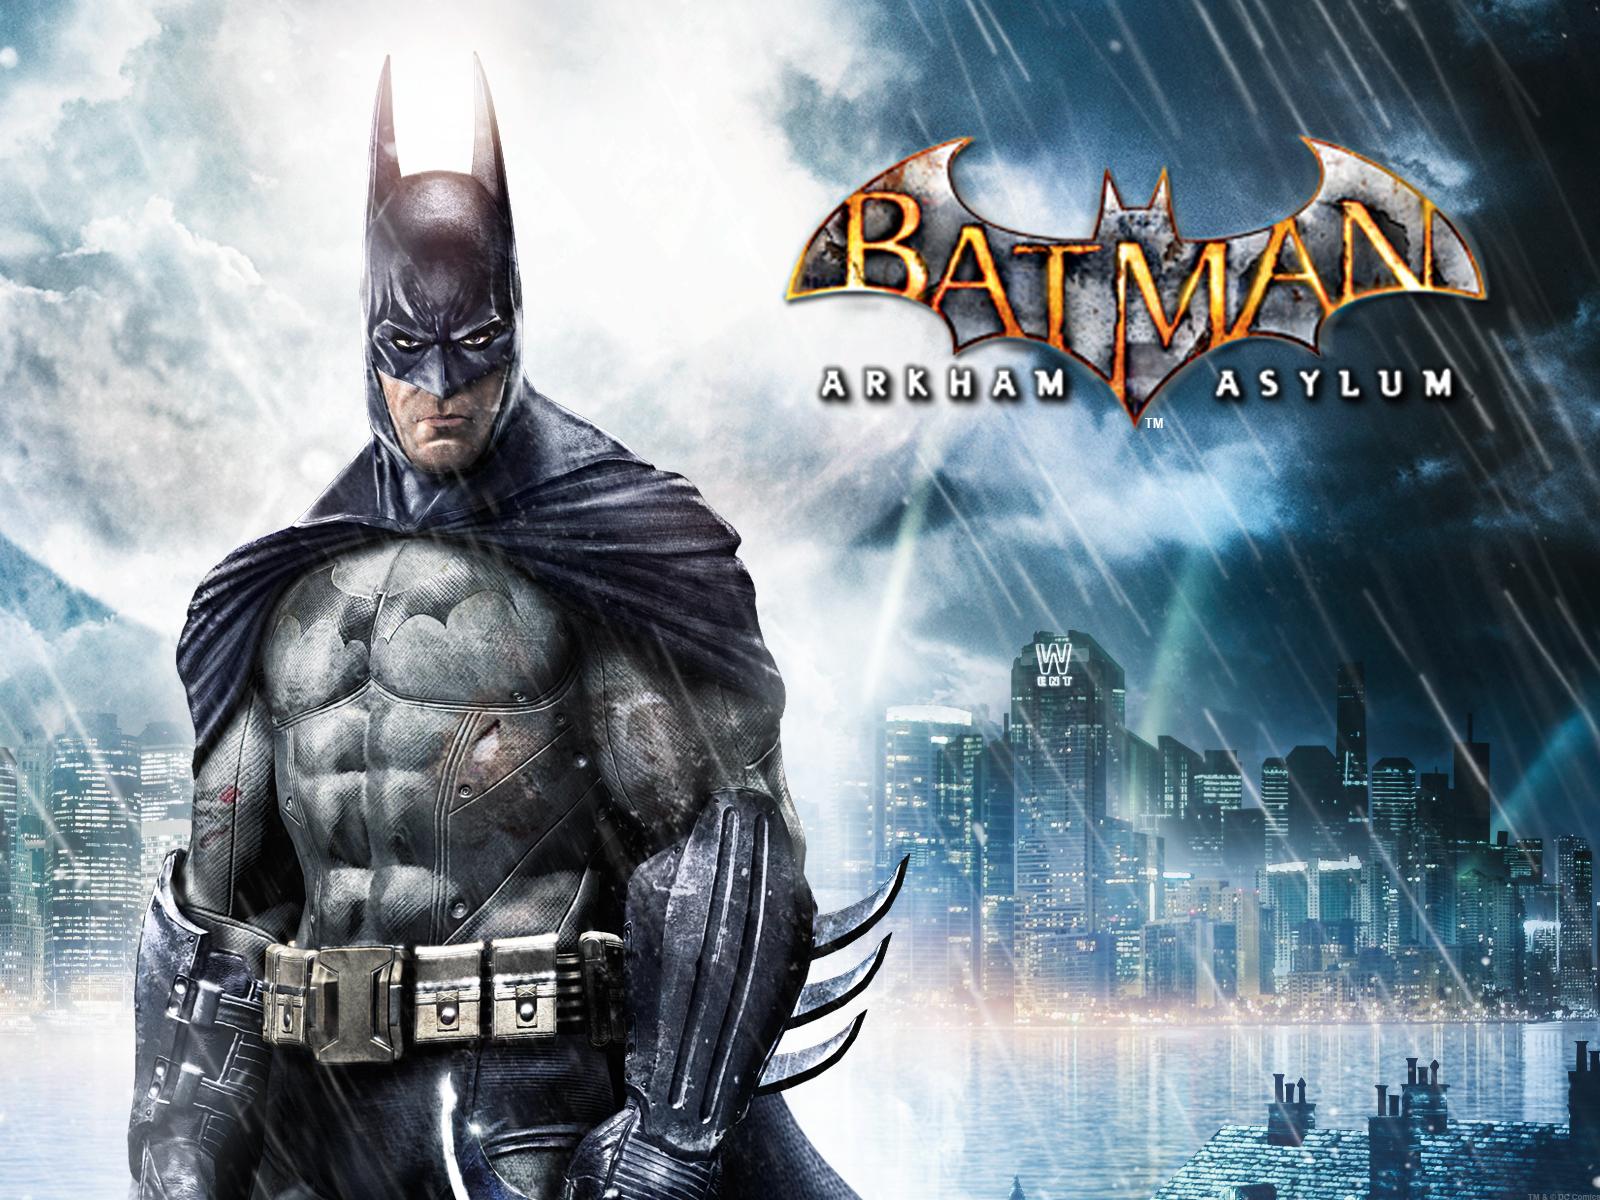 Batman Arkham Asylum Wallpaper 1600x1200